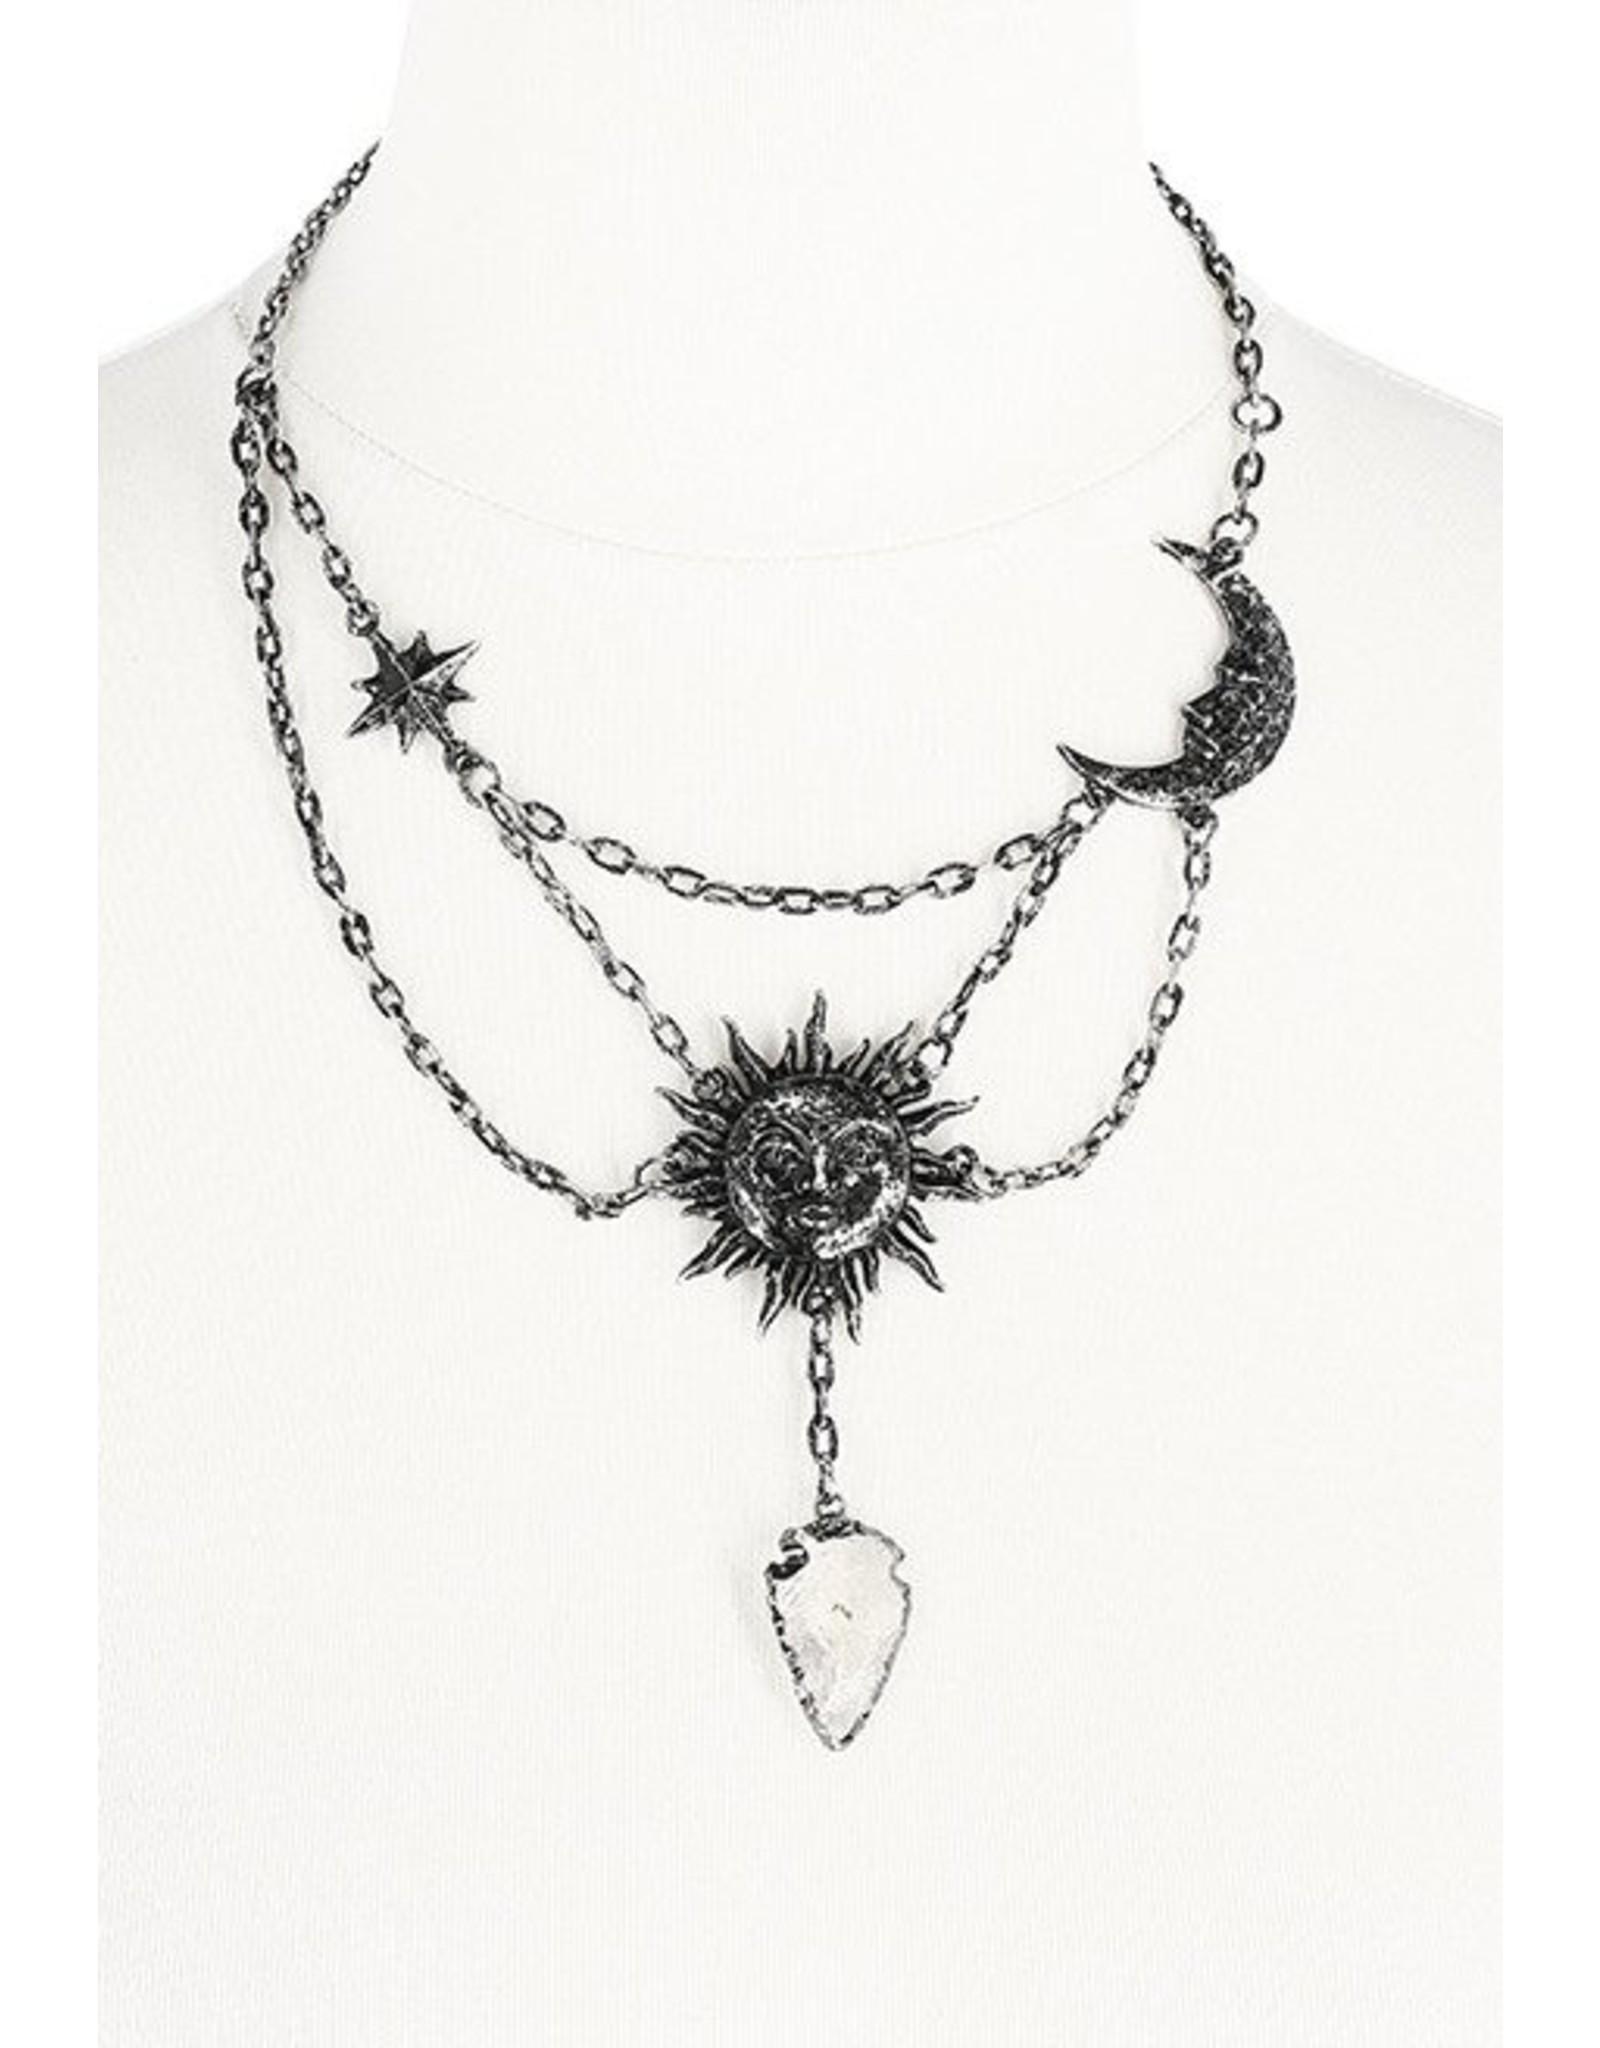 Restyle Gothic sieraden Steampunk sieraden - Ketting Moon & Sun met kwarts kristal - Restyle